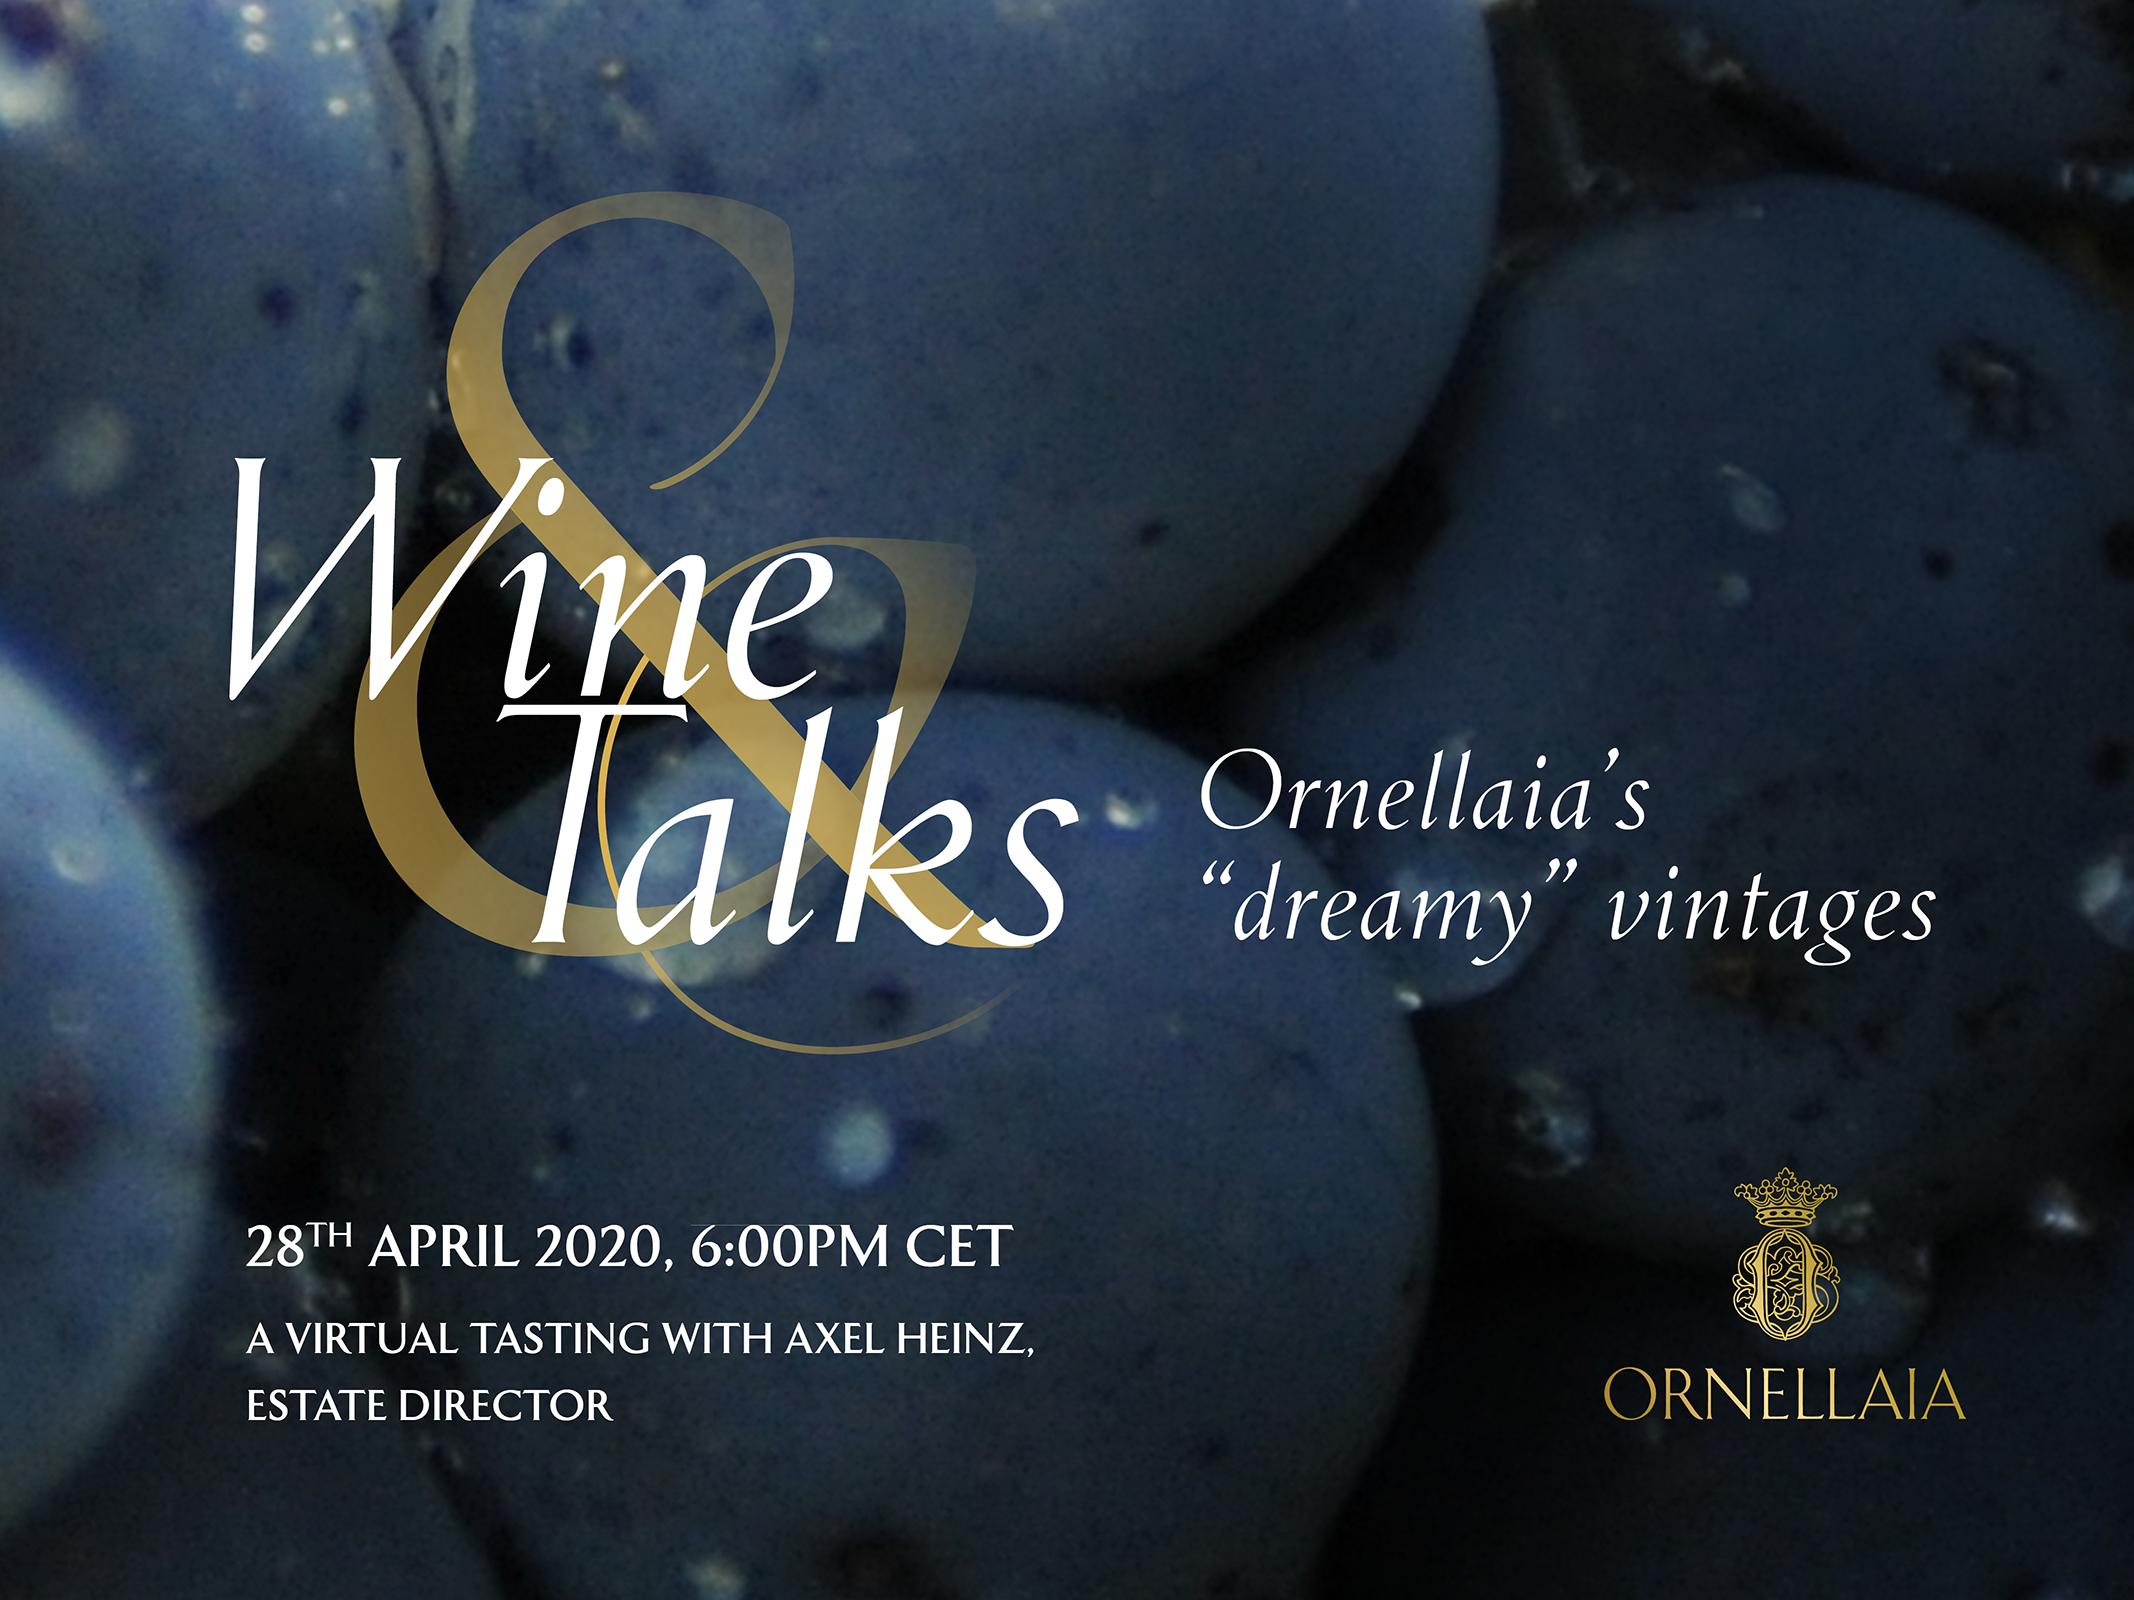 Ornellaia Wine & Talks